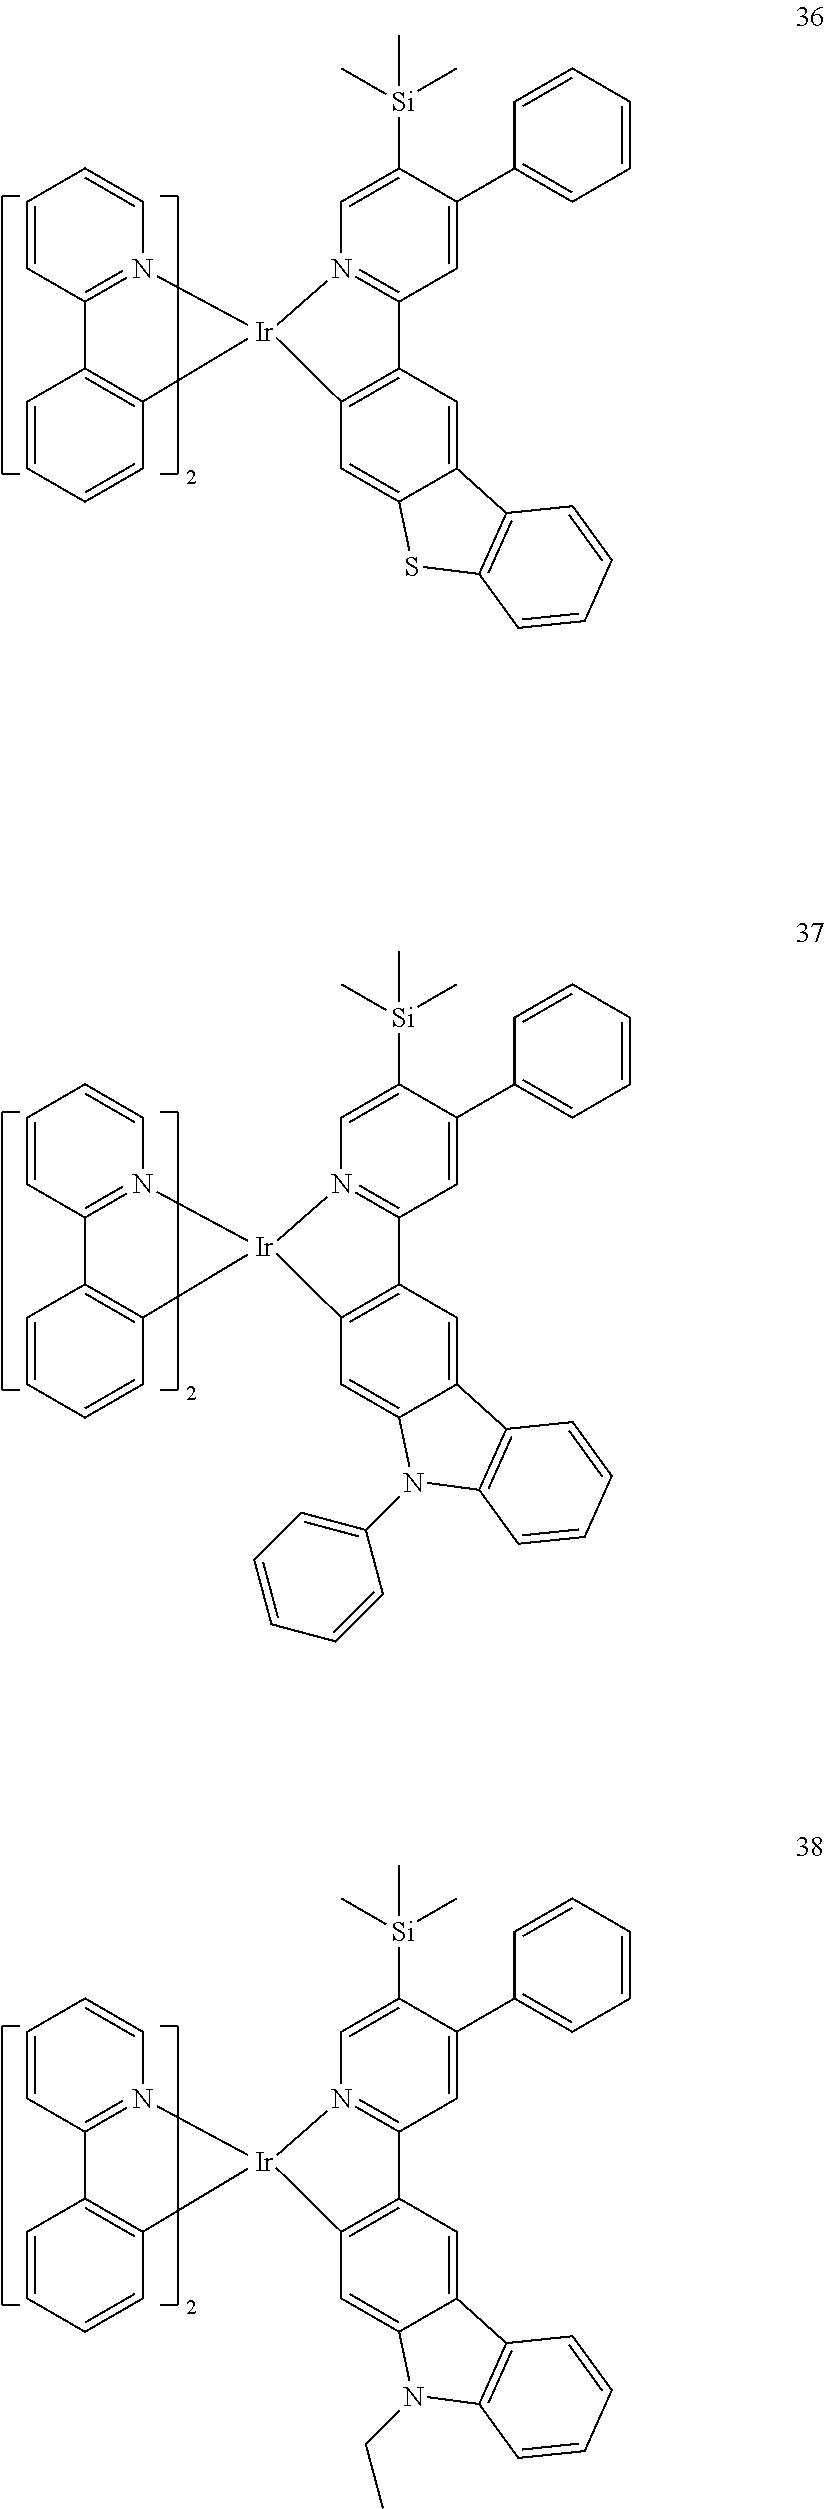 Figure US20160155962A1-20160602-C00069